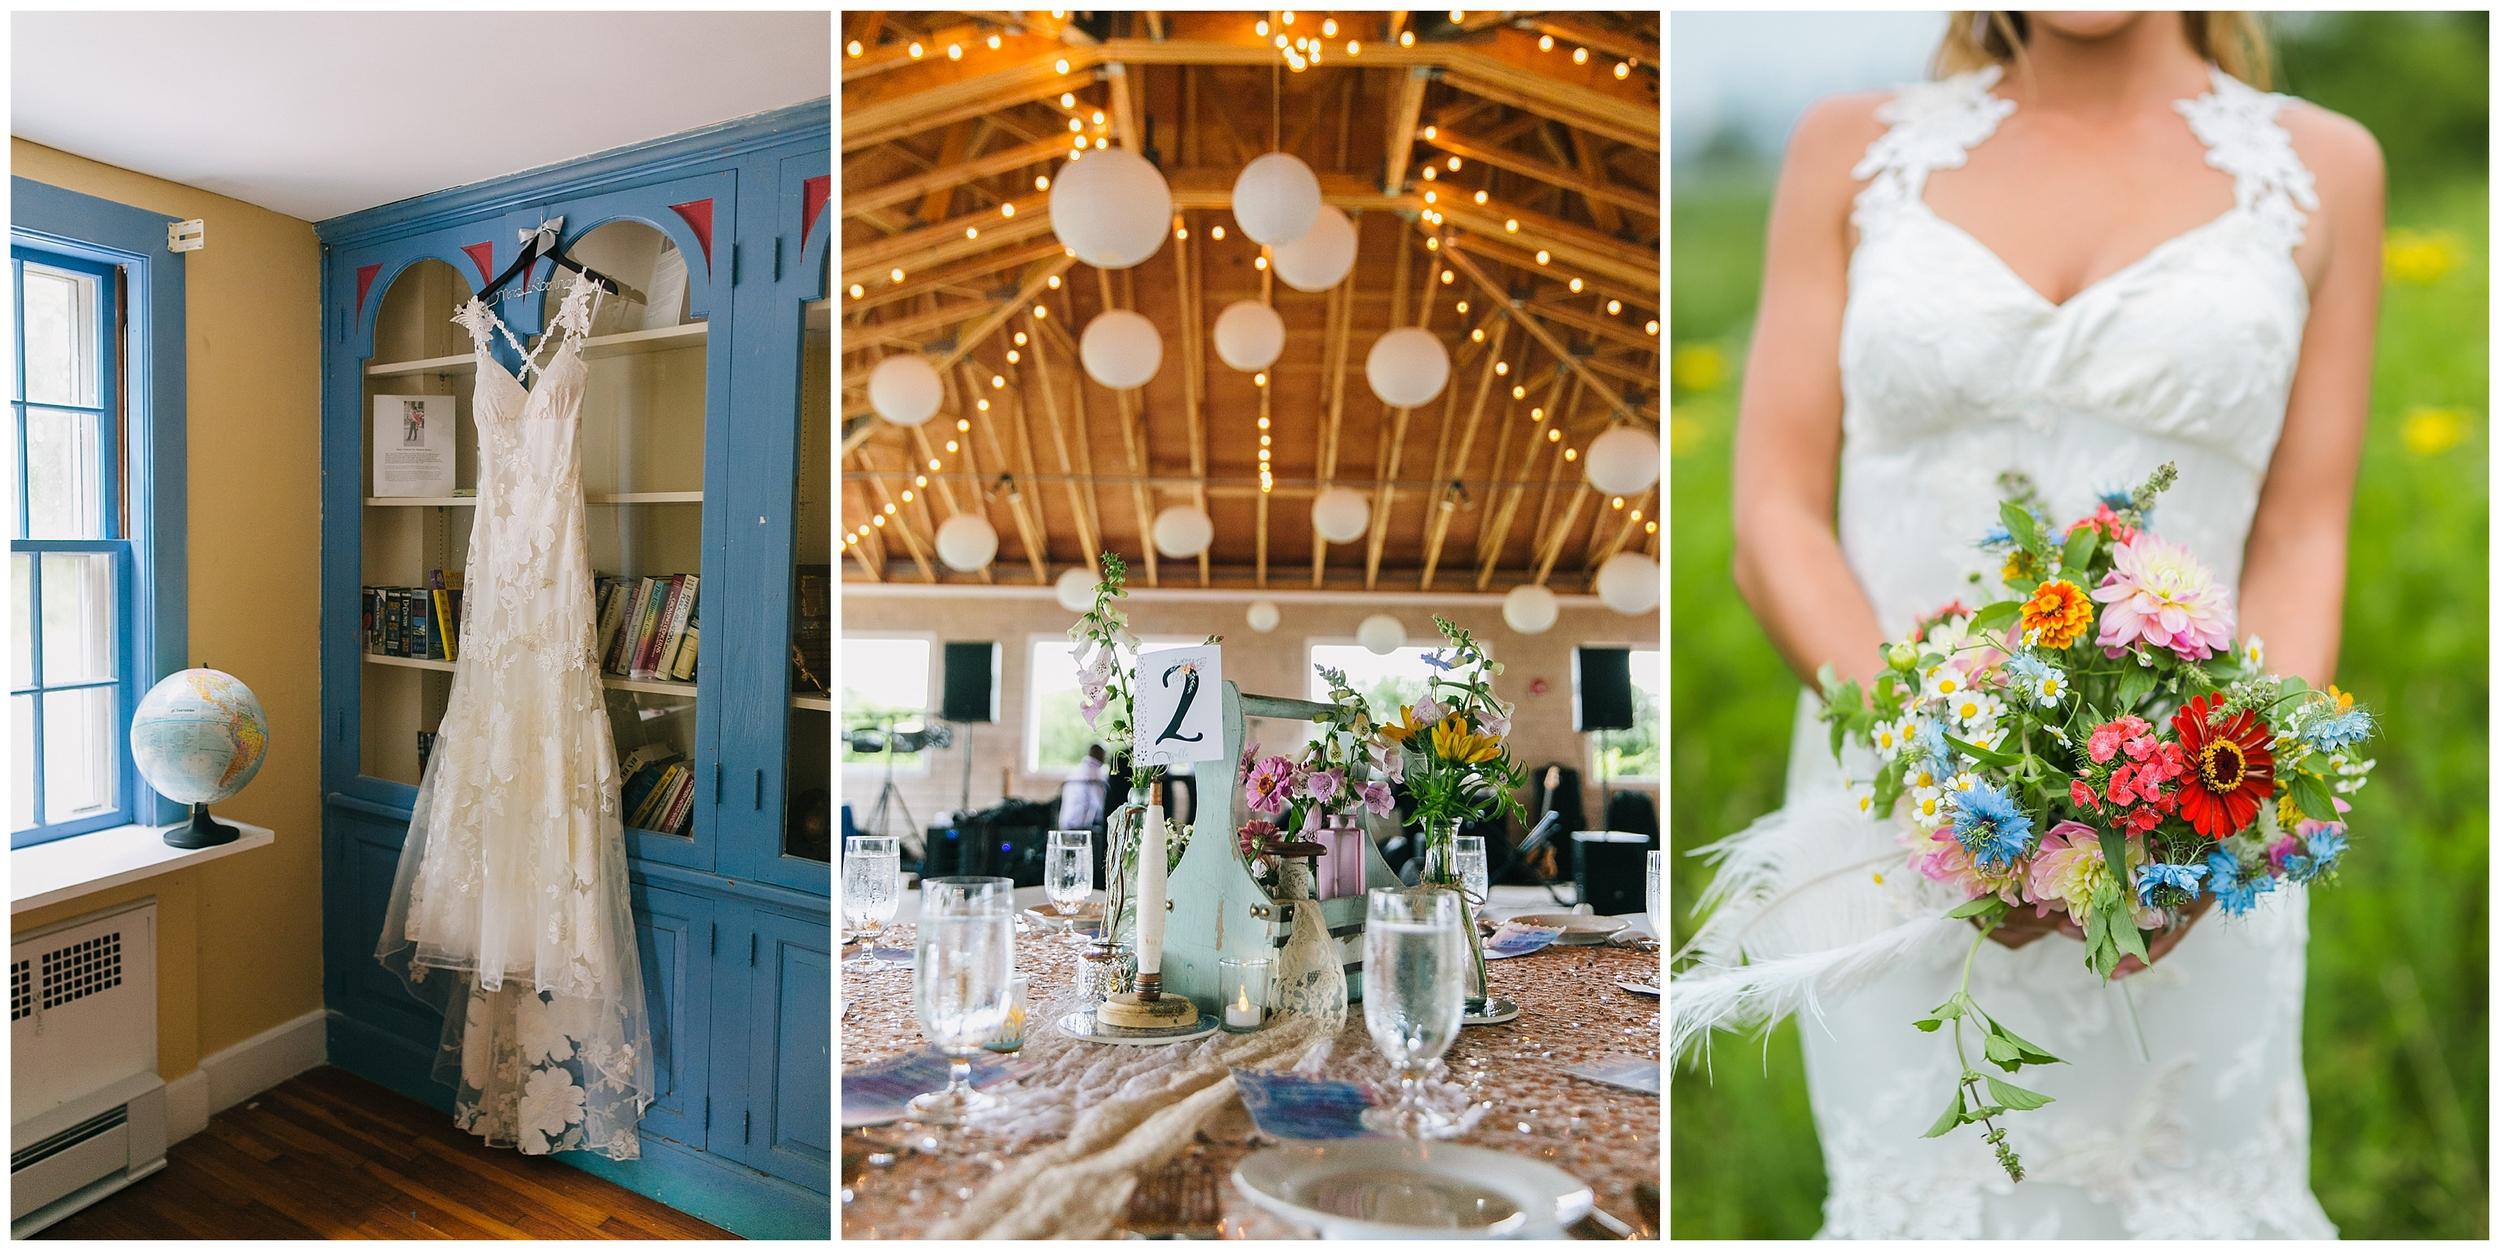 Emily Tebbetts Wedding Photography Thompson Island Boho Wedding MA Boston Harbor Islands